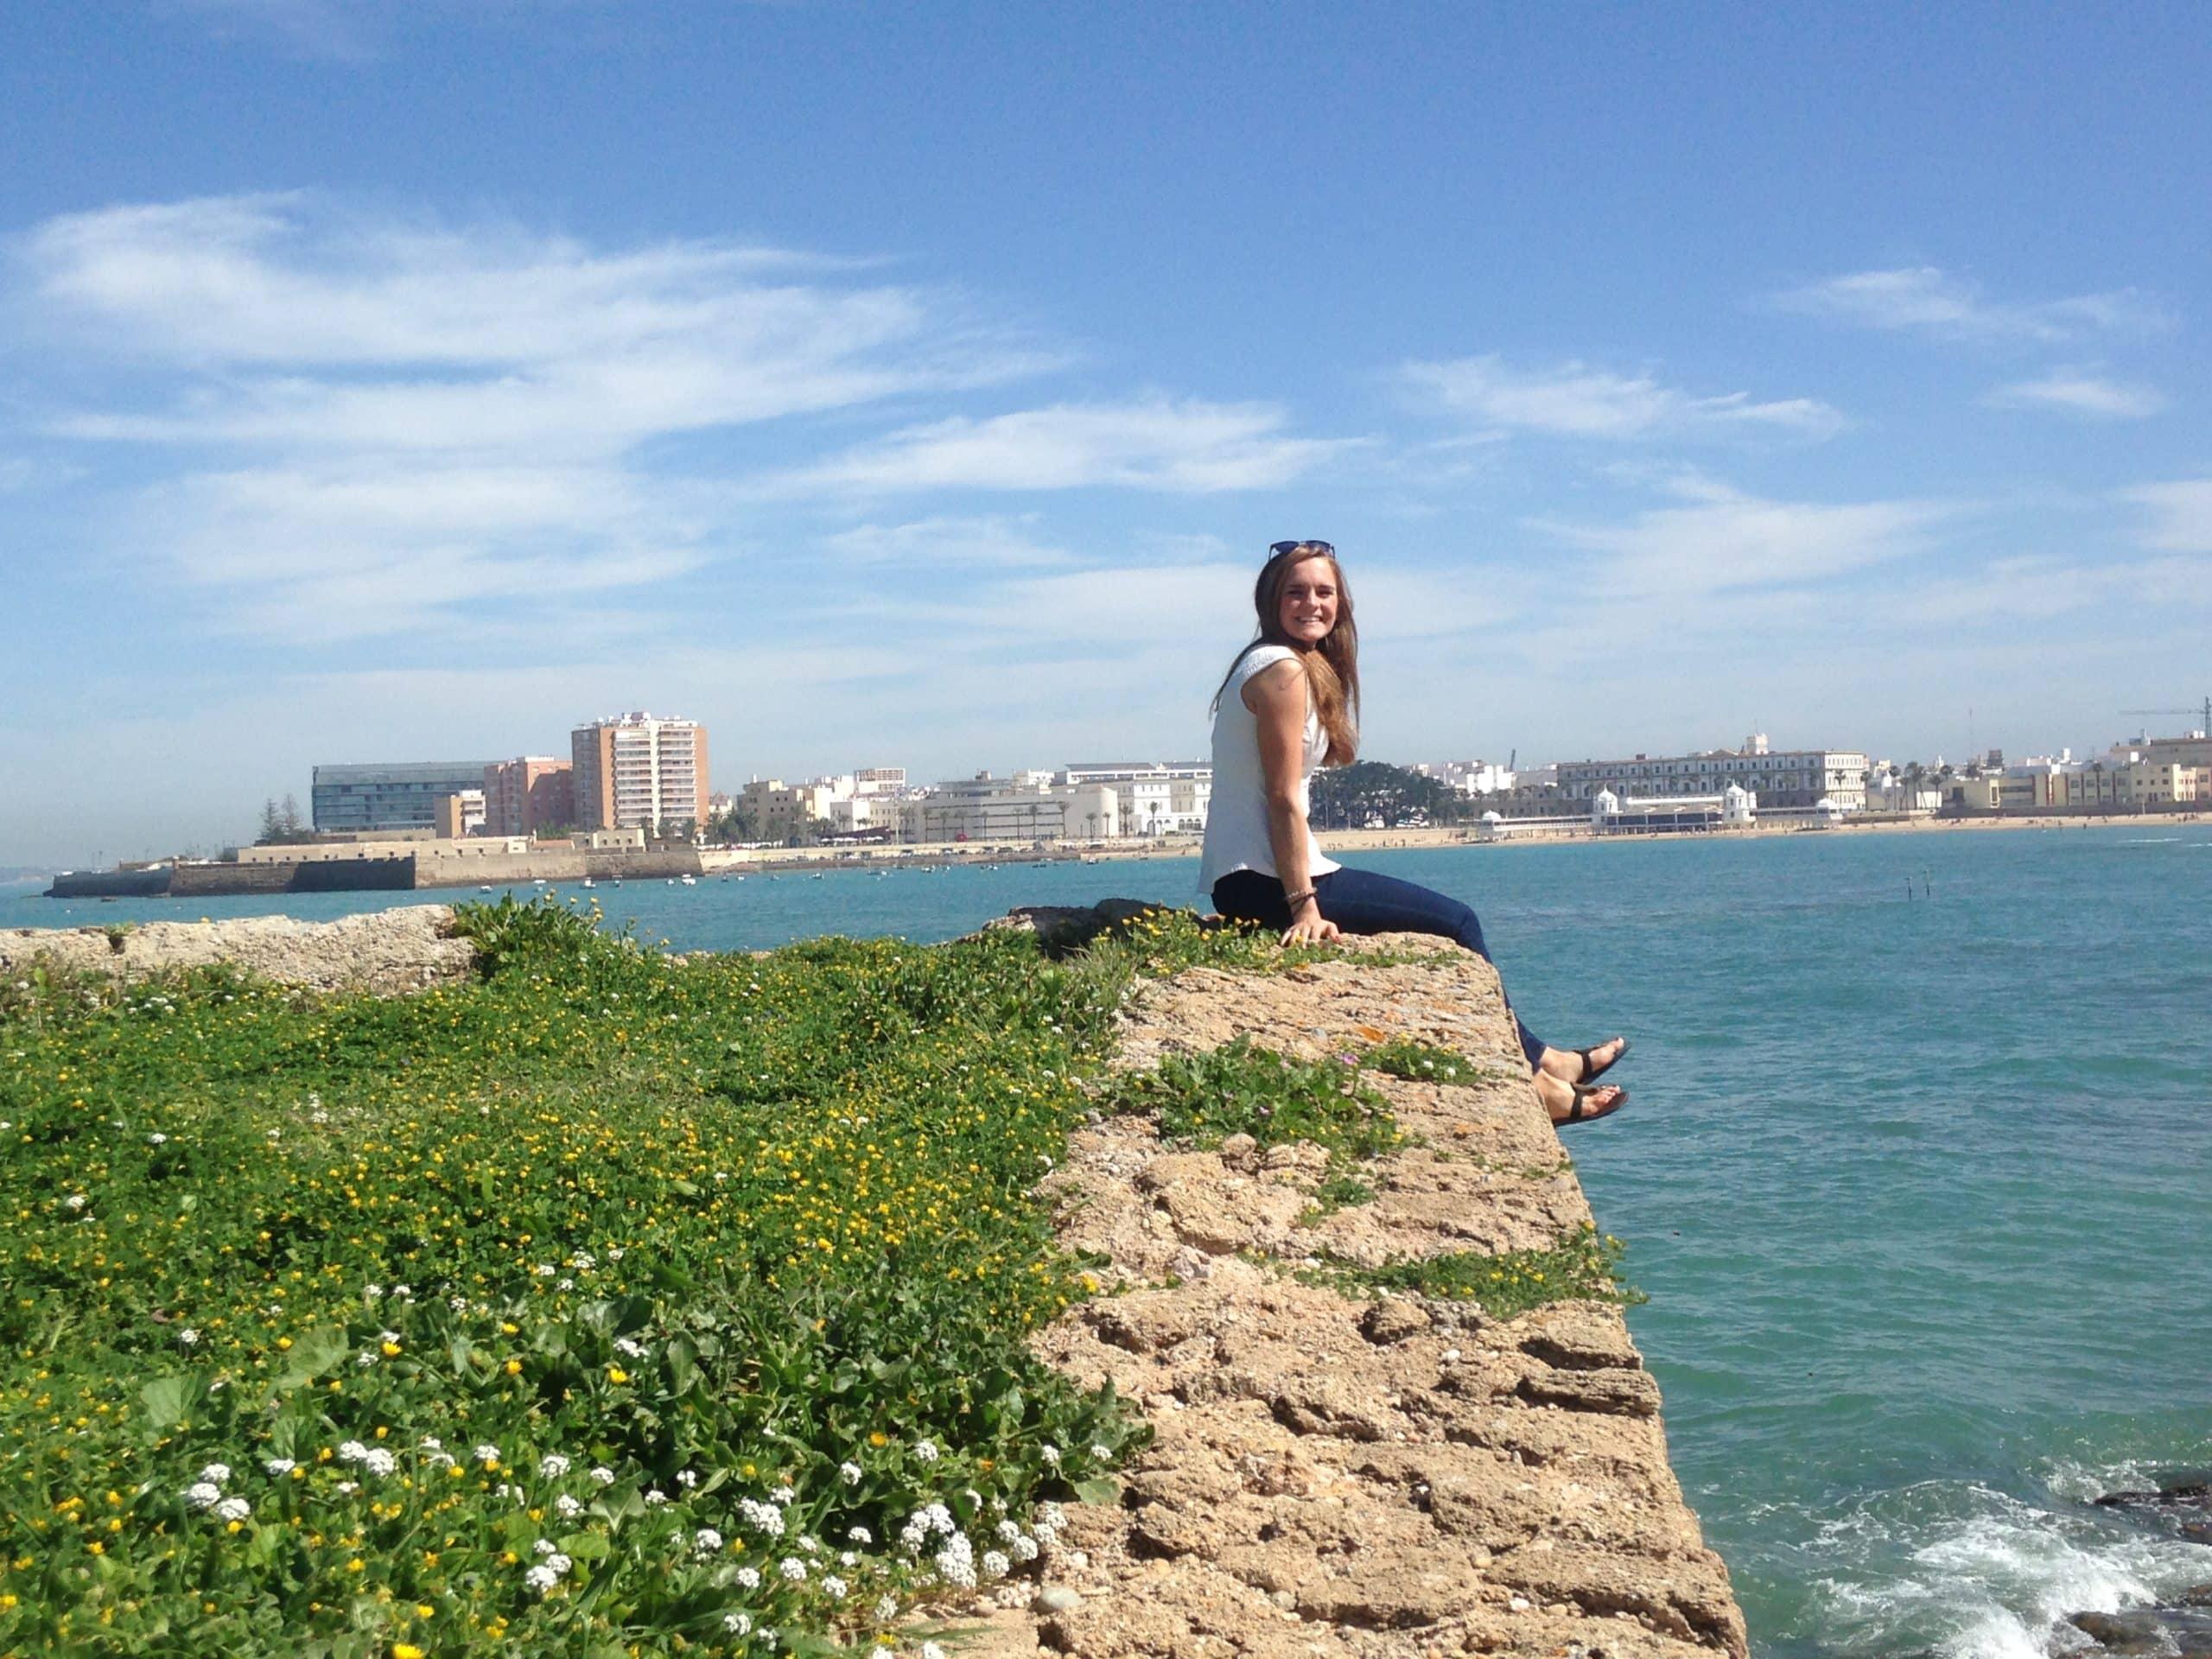 spanien-andalusien-roadtrip-spanien tipps-reisetipps-reiseblog